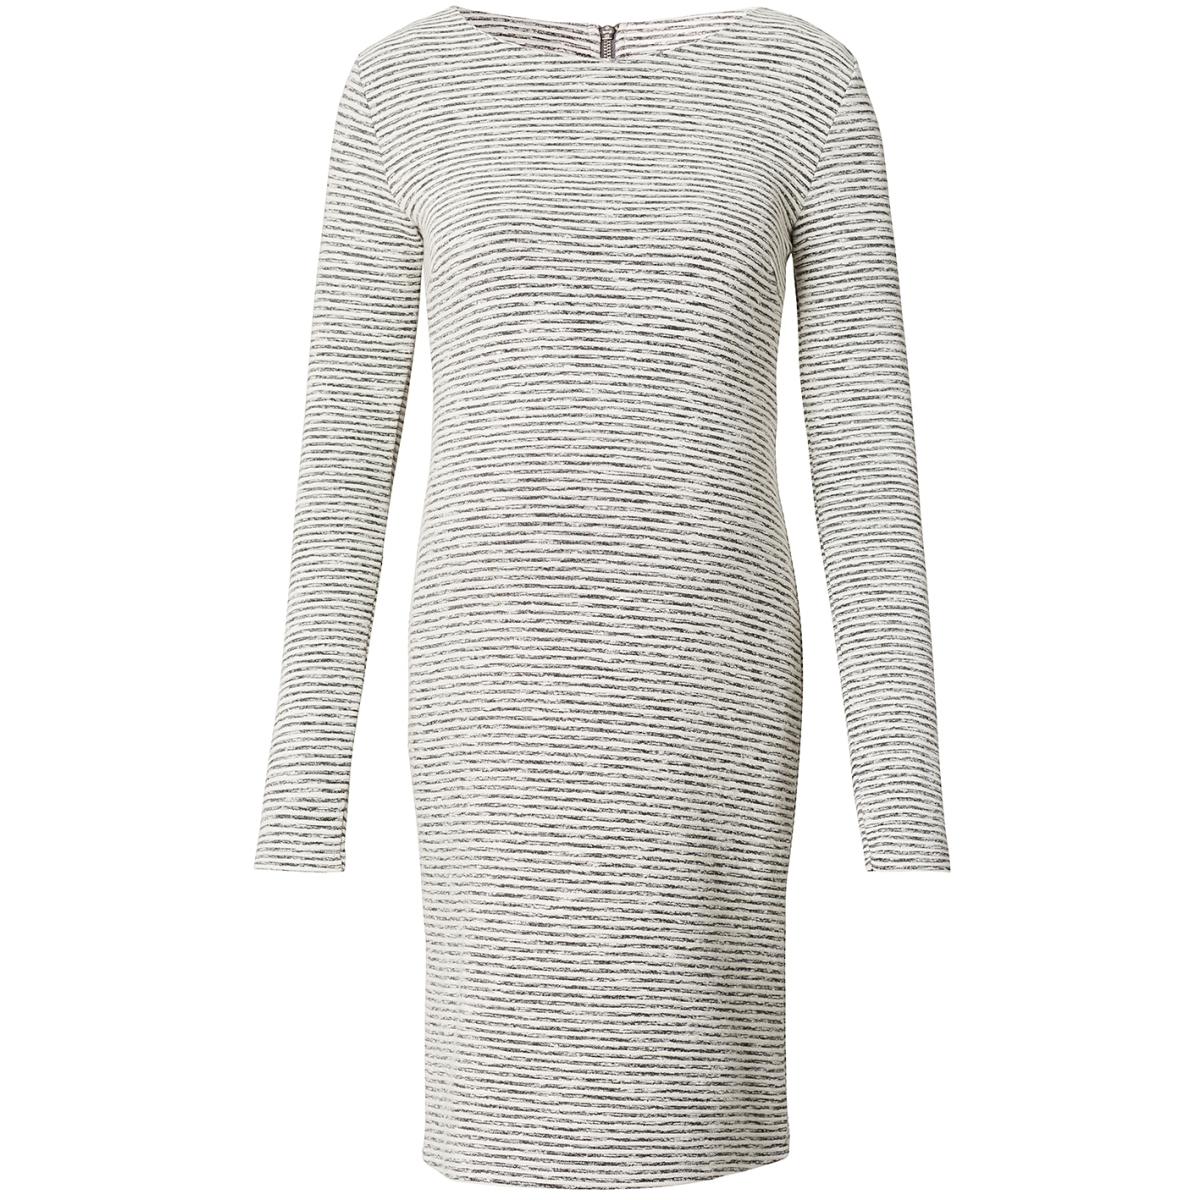 70616 dress heather noppies positie jurk off- white